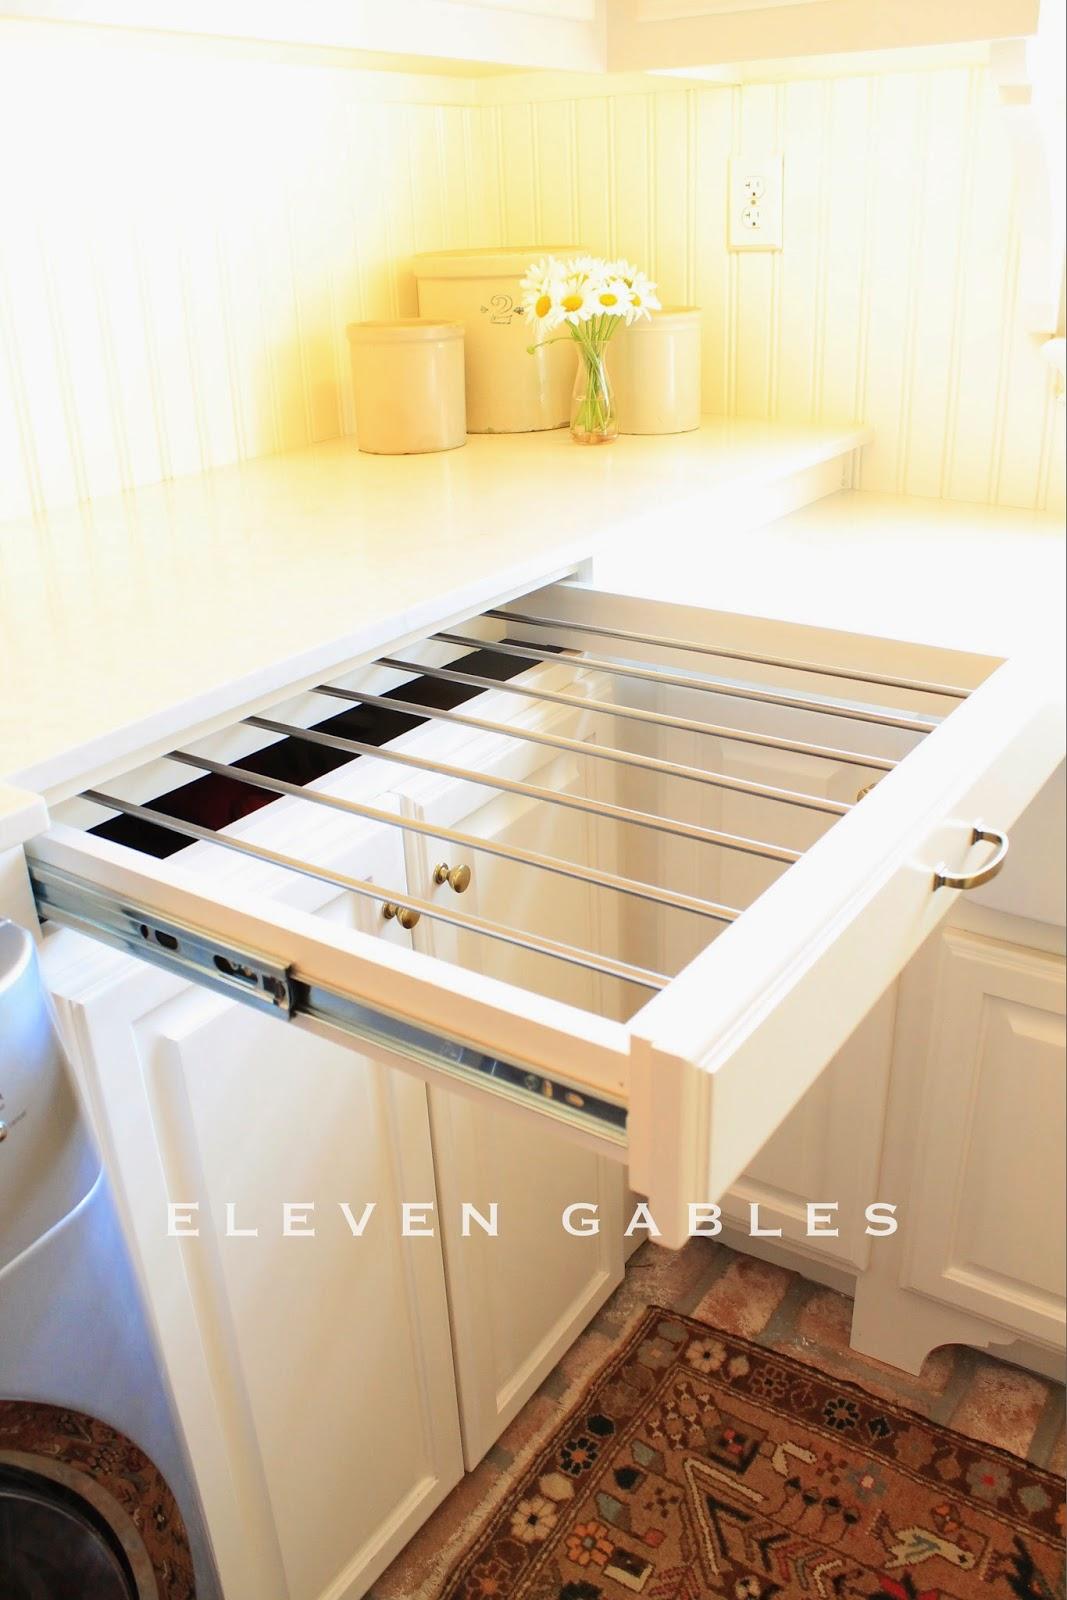 eleven gables eleven gables butler 39 s pantry. Black Bedroom Furniture Sets. Home Design Ideas